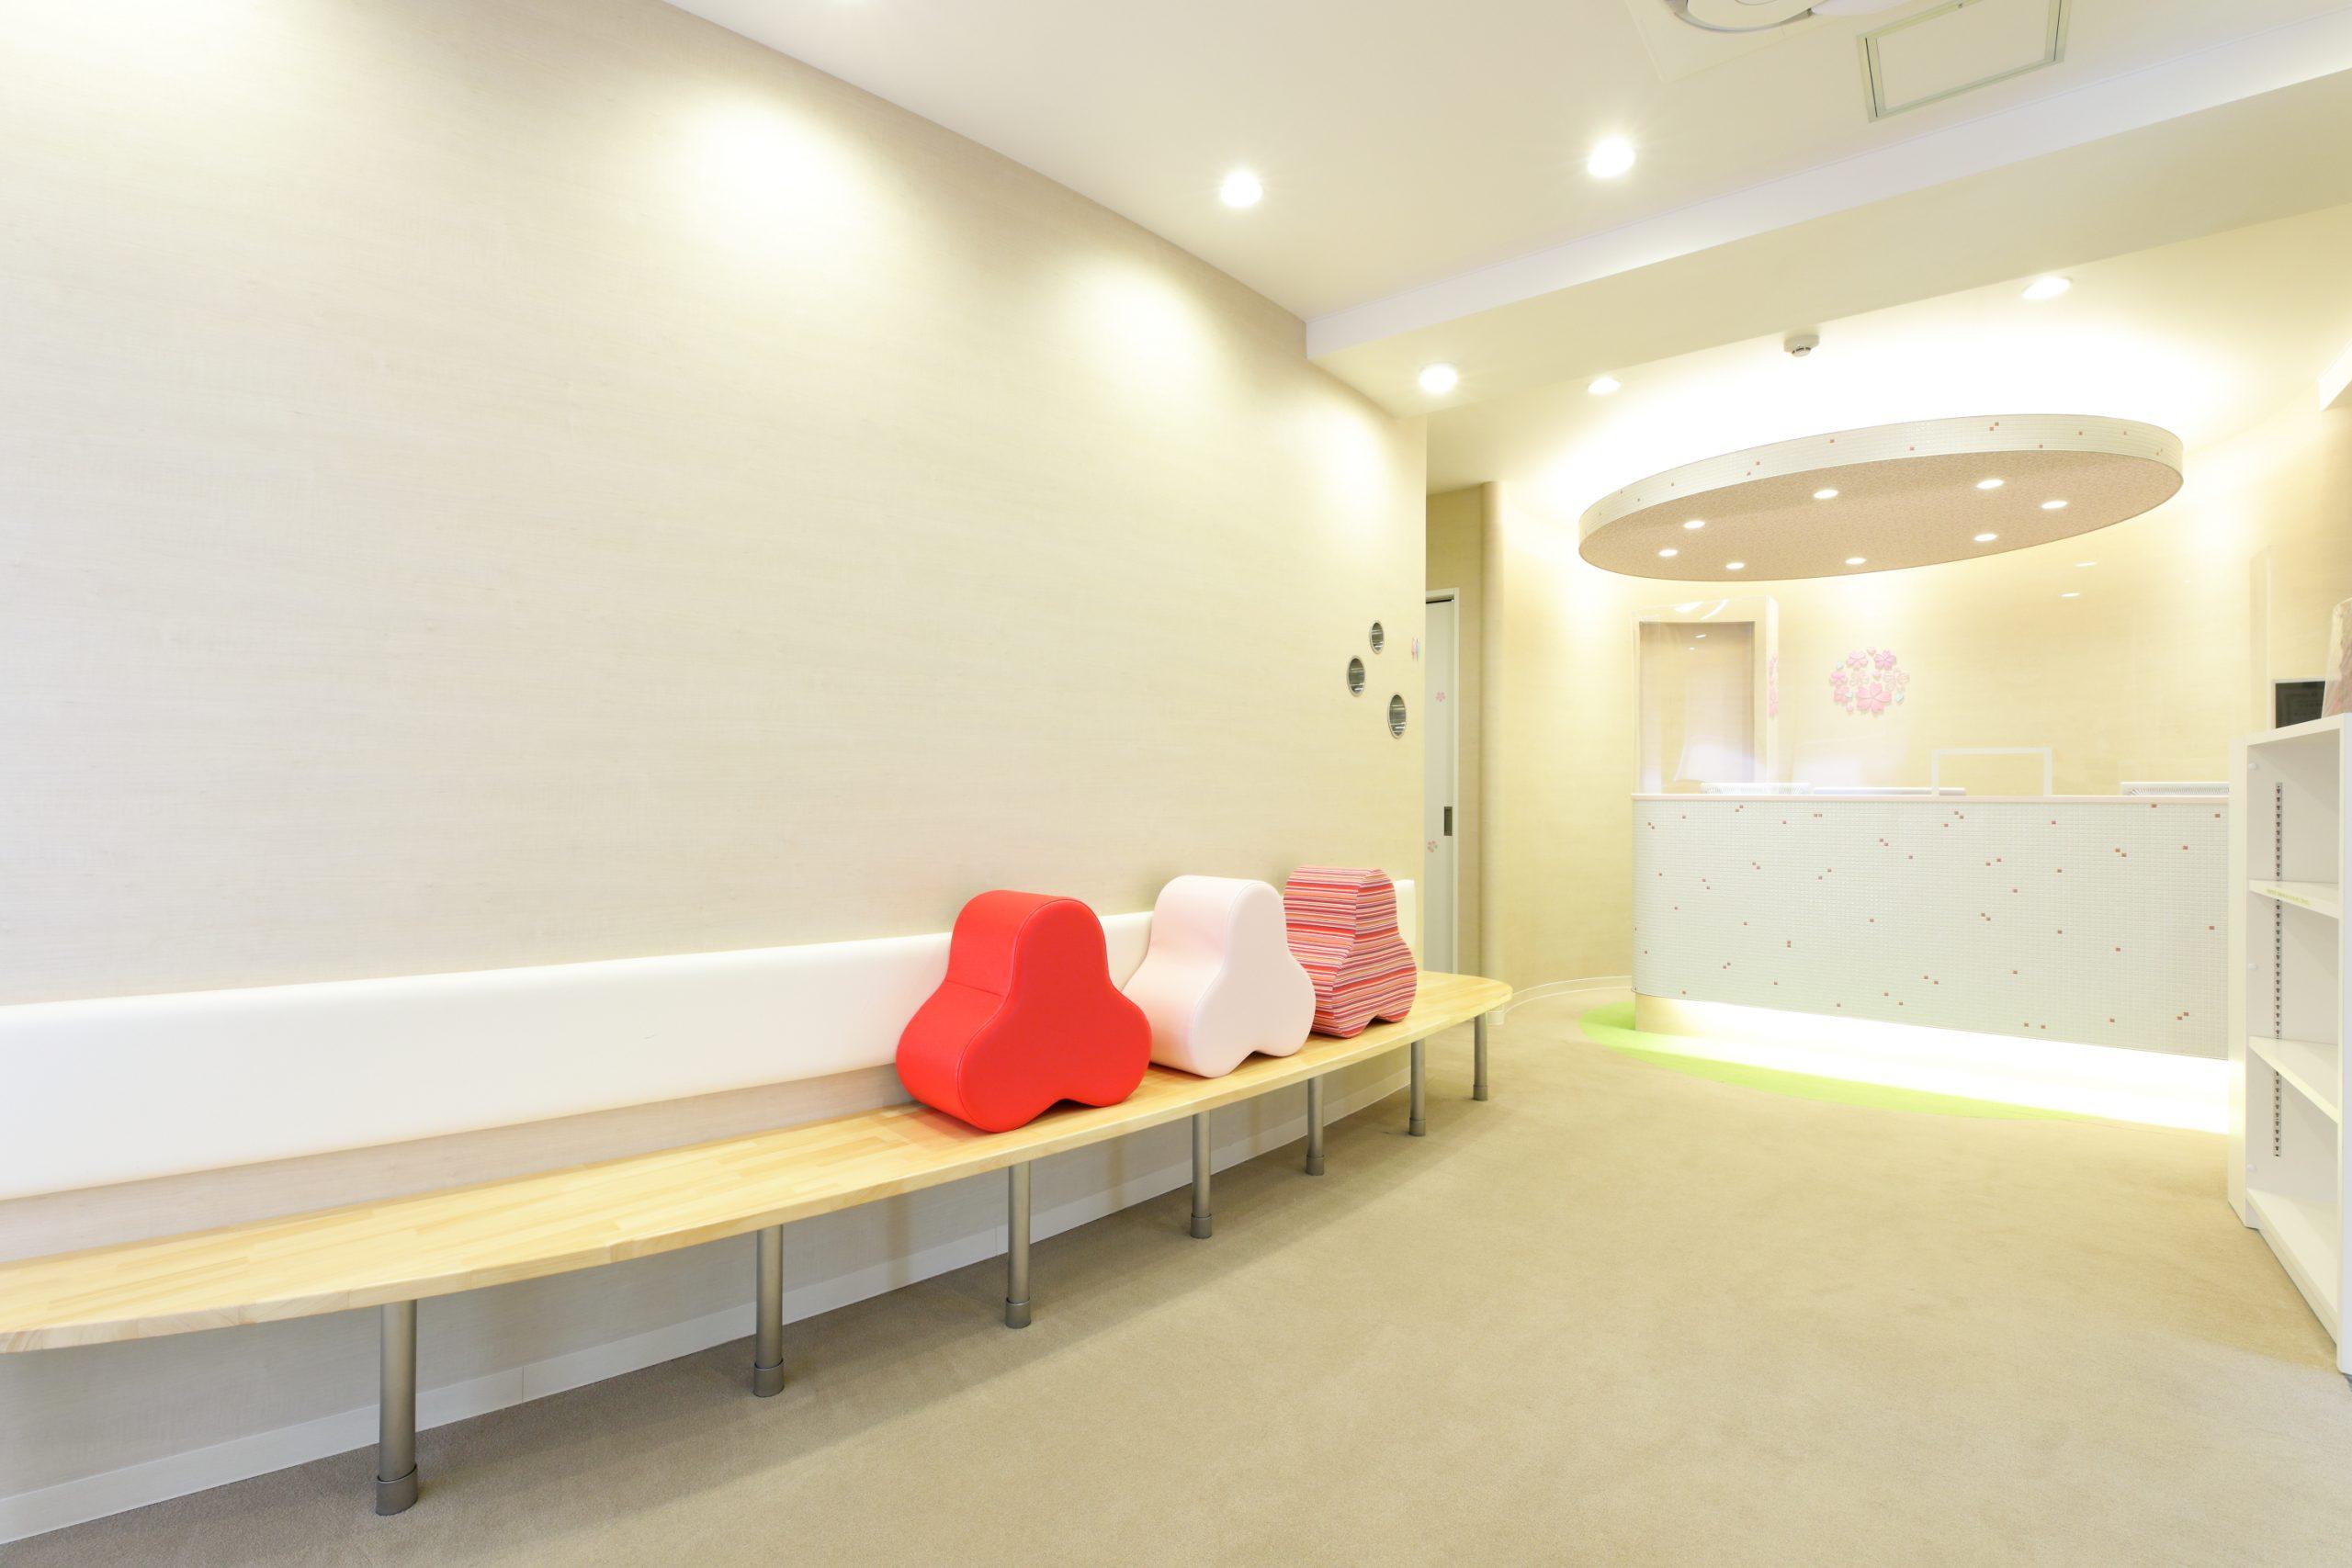 当院は待合室に床暖房を入れております